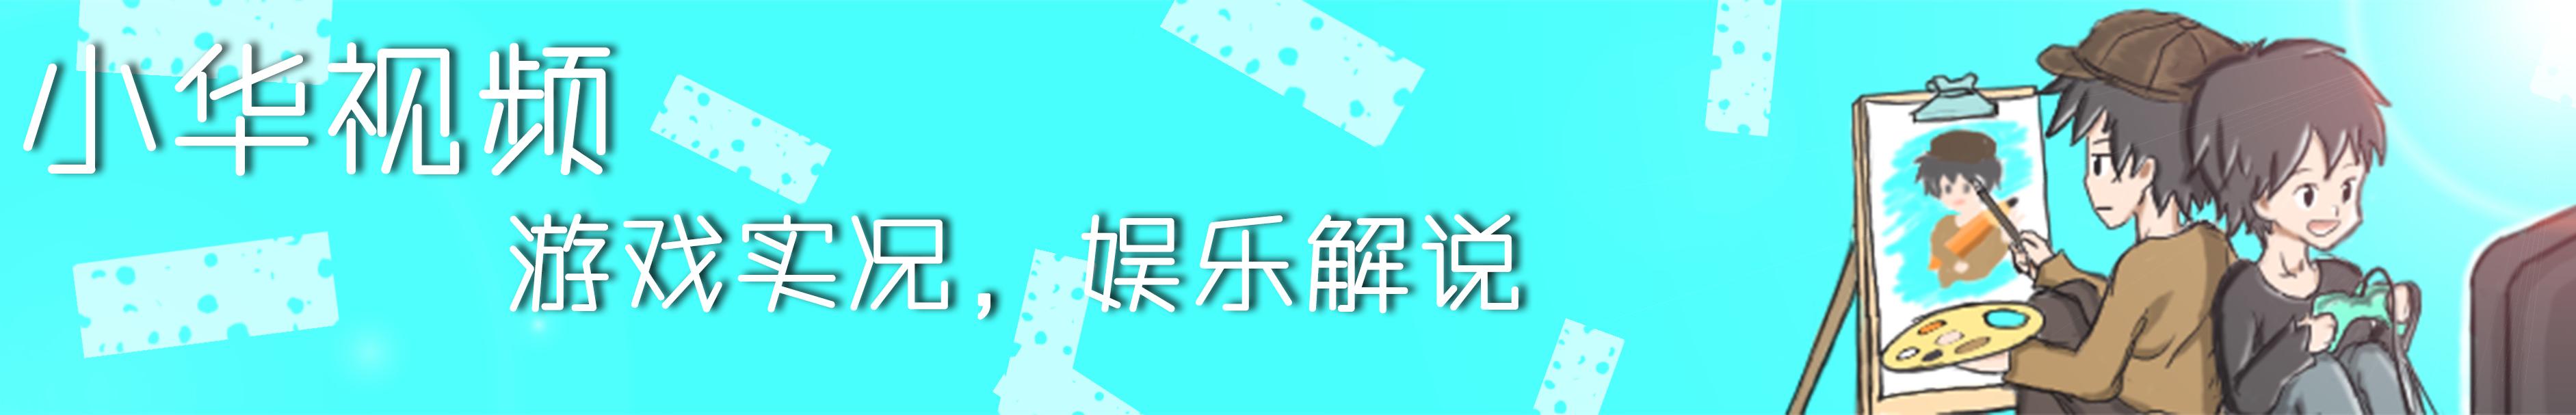 小华God banner